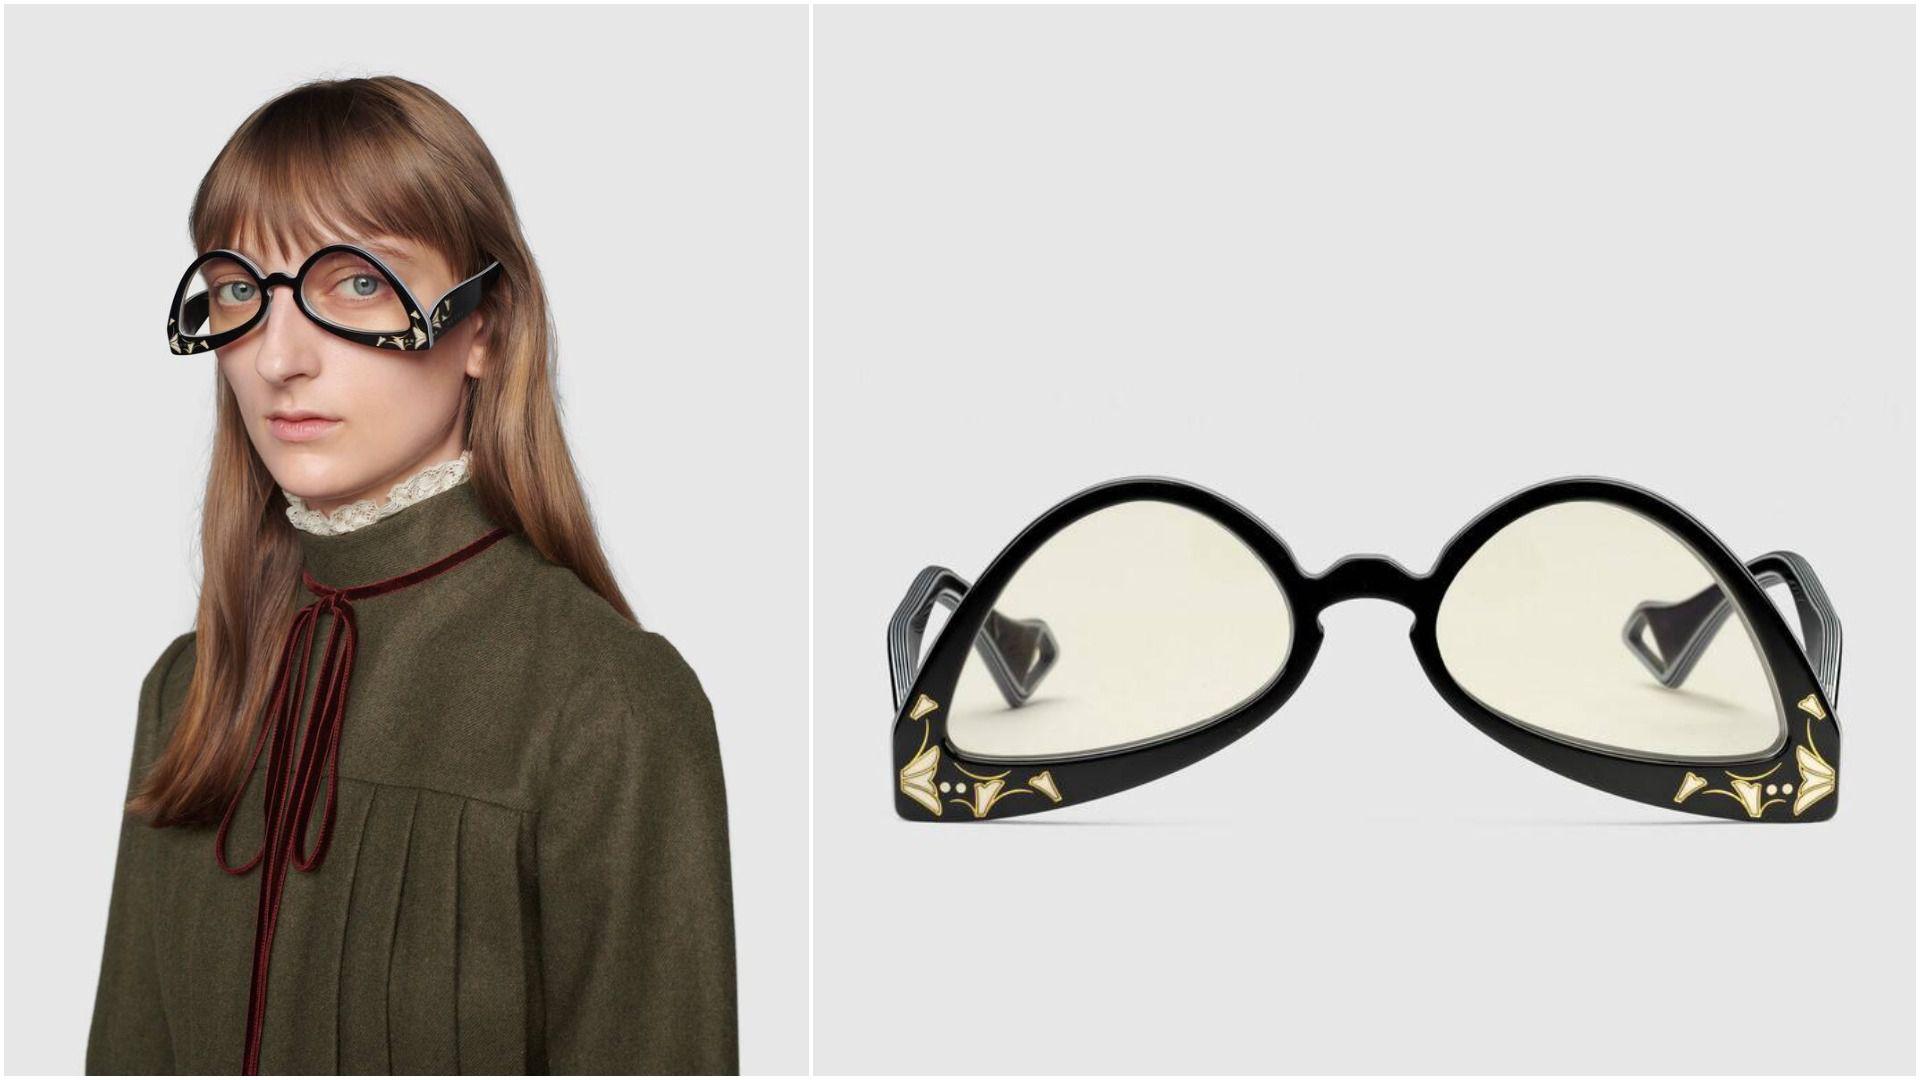 Naočale iz nove Guccijeve kolekcije postale predmet rasprave na Twitteru - cijenu nazivaju bizarnom, uključili se i optičari